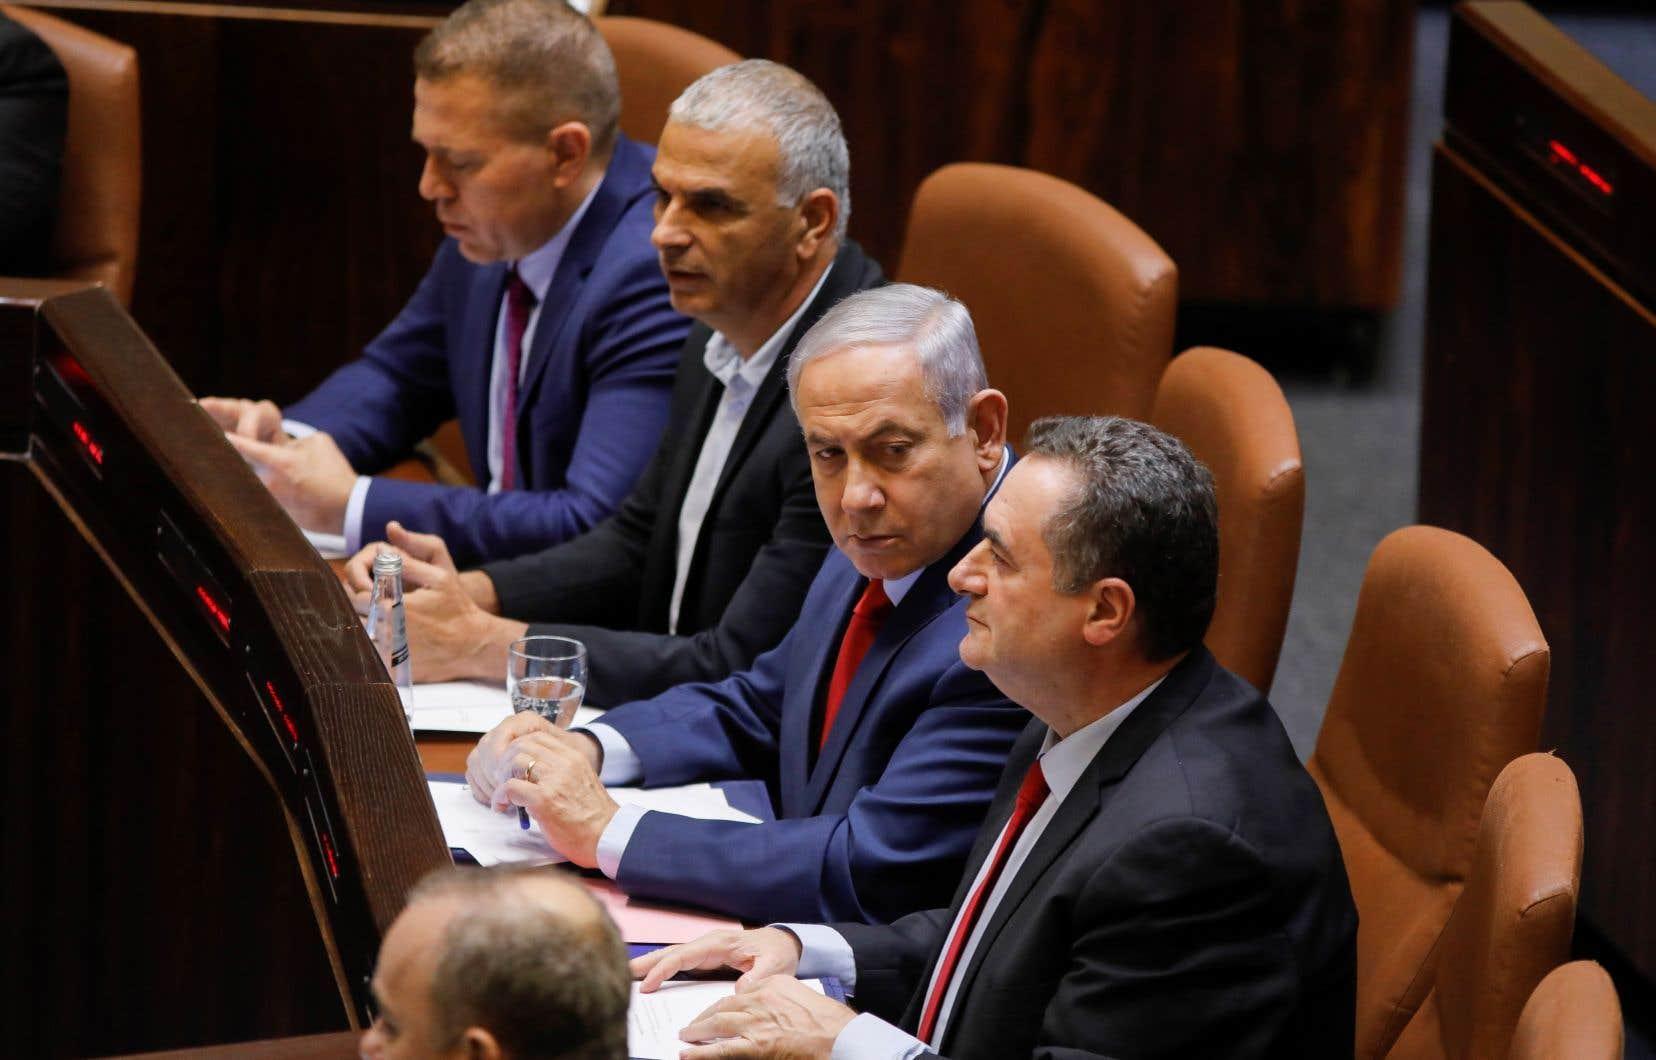 Benjamin Nétanyahou, incapable de former une coalition de gouvernement avec les partis de droite arrivés en tête des législatives, a préféré renvoyer les Israéliens aux urnes plutôt que de voir le président Reuven Rivlin donner sa chance à un autre député.